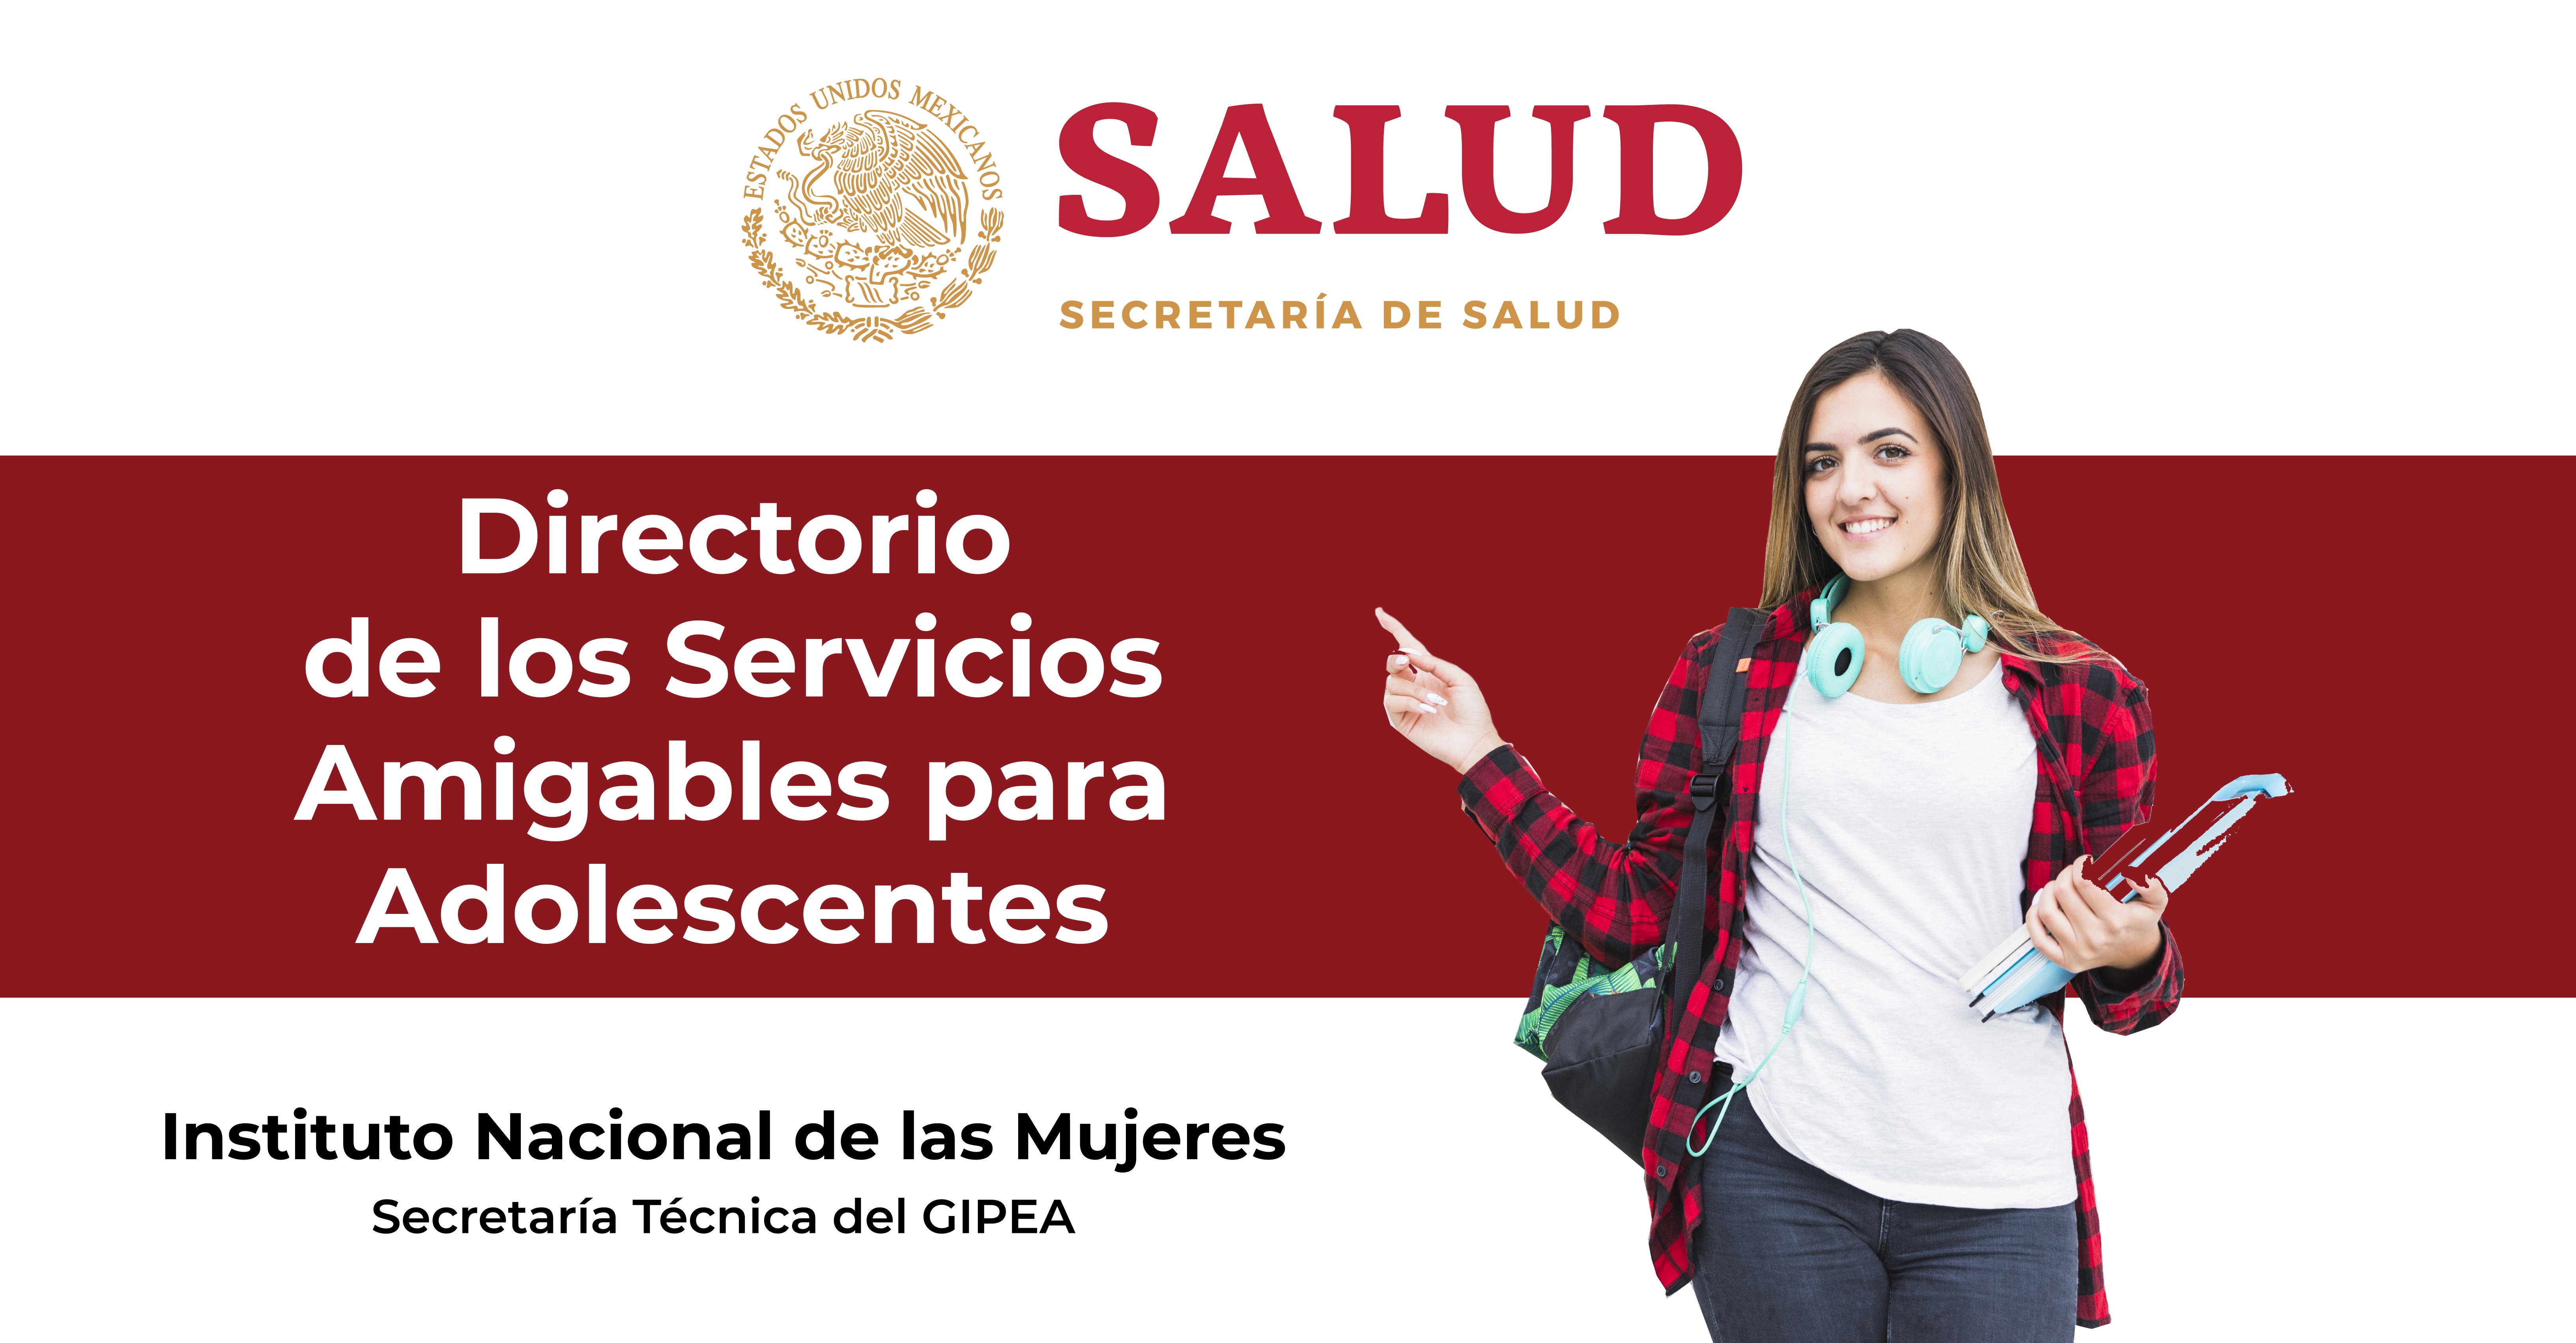 Mujer joven señalando el título del Directorio de los Servicios Amigables para Adolescentes